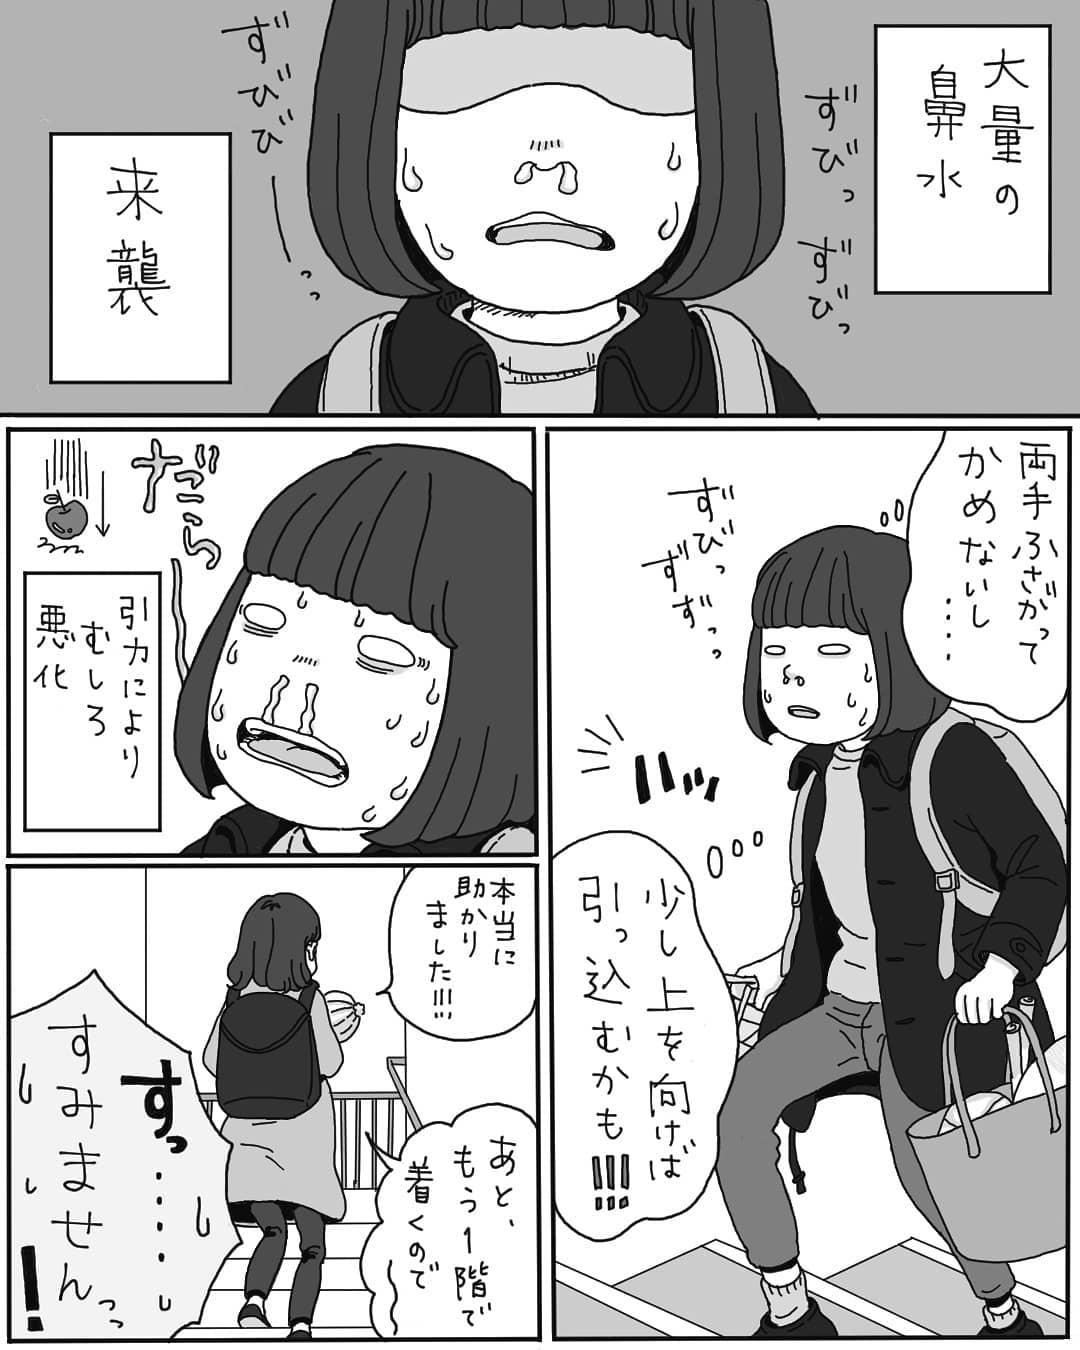 kanako_kobayashi_50522556_114855746247363_2391106696467933325_n